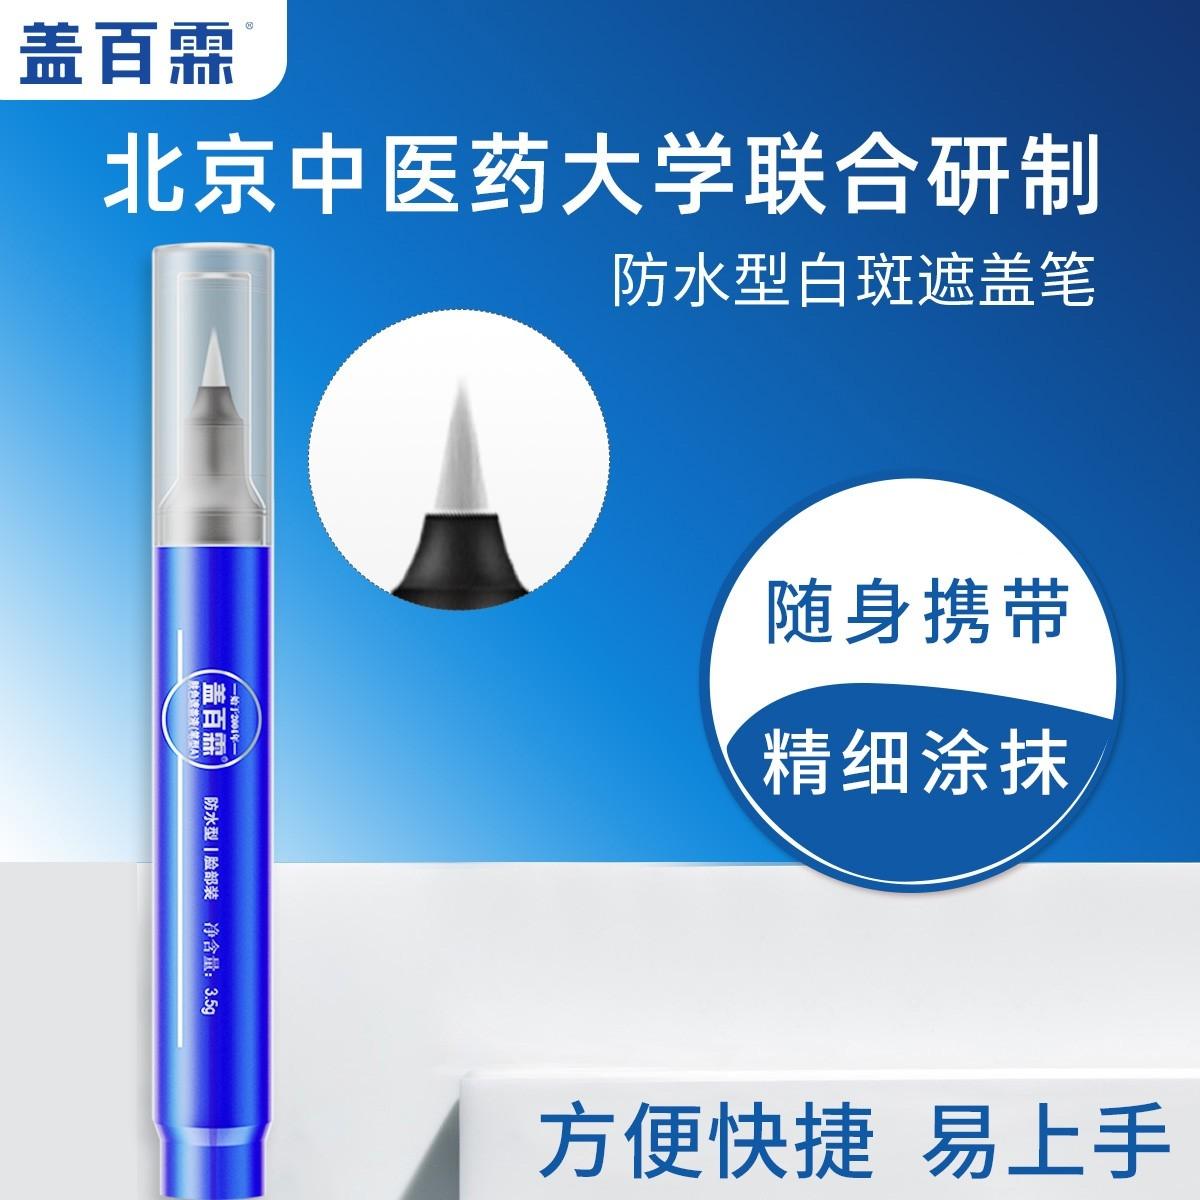 防水型白斑遮盖笔